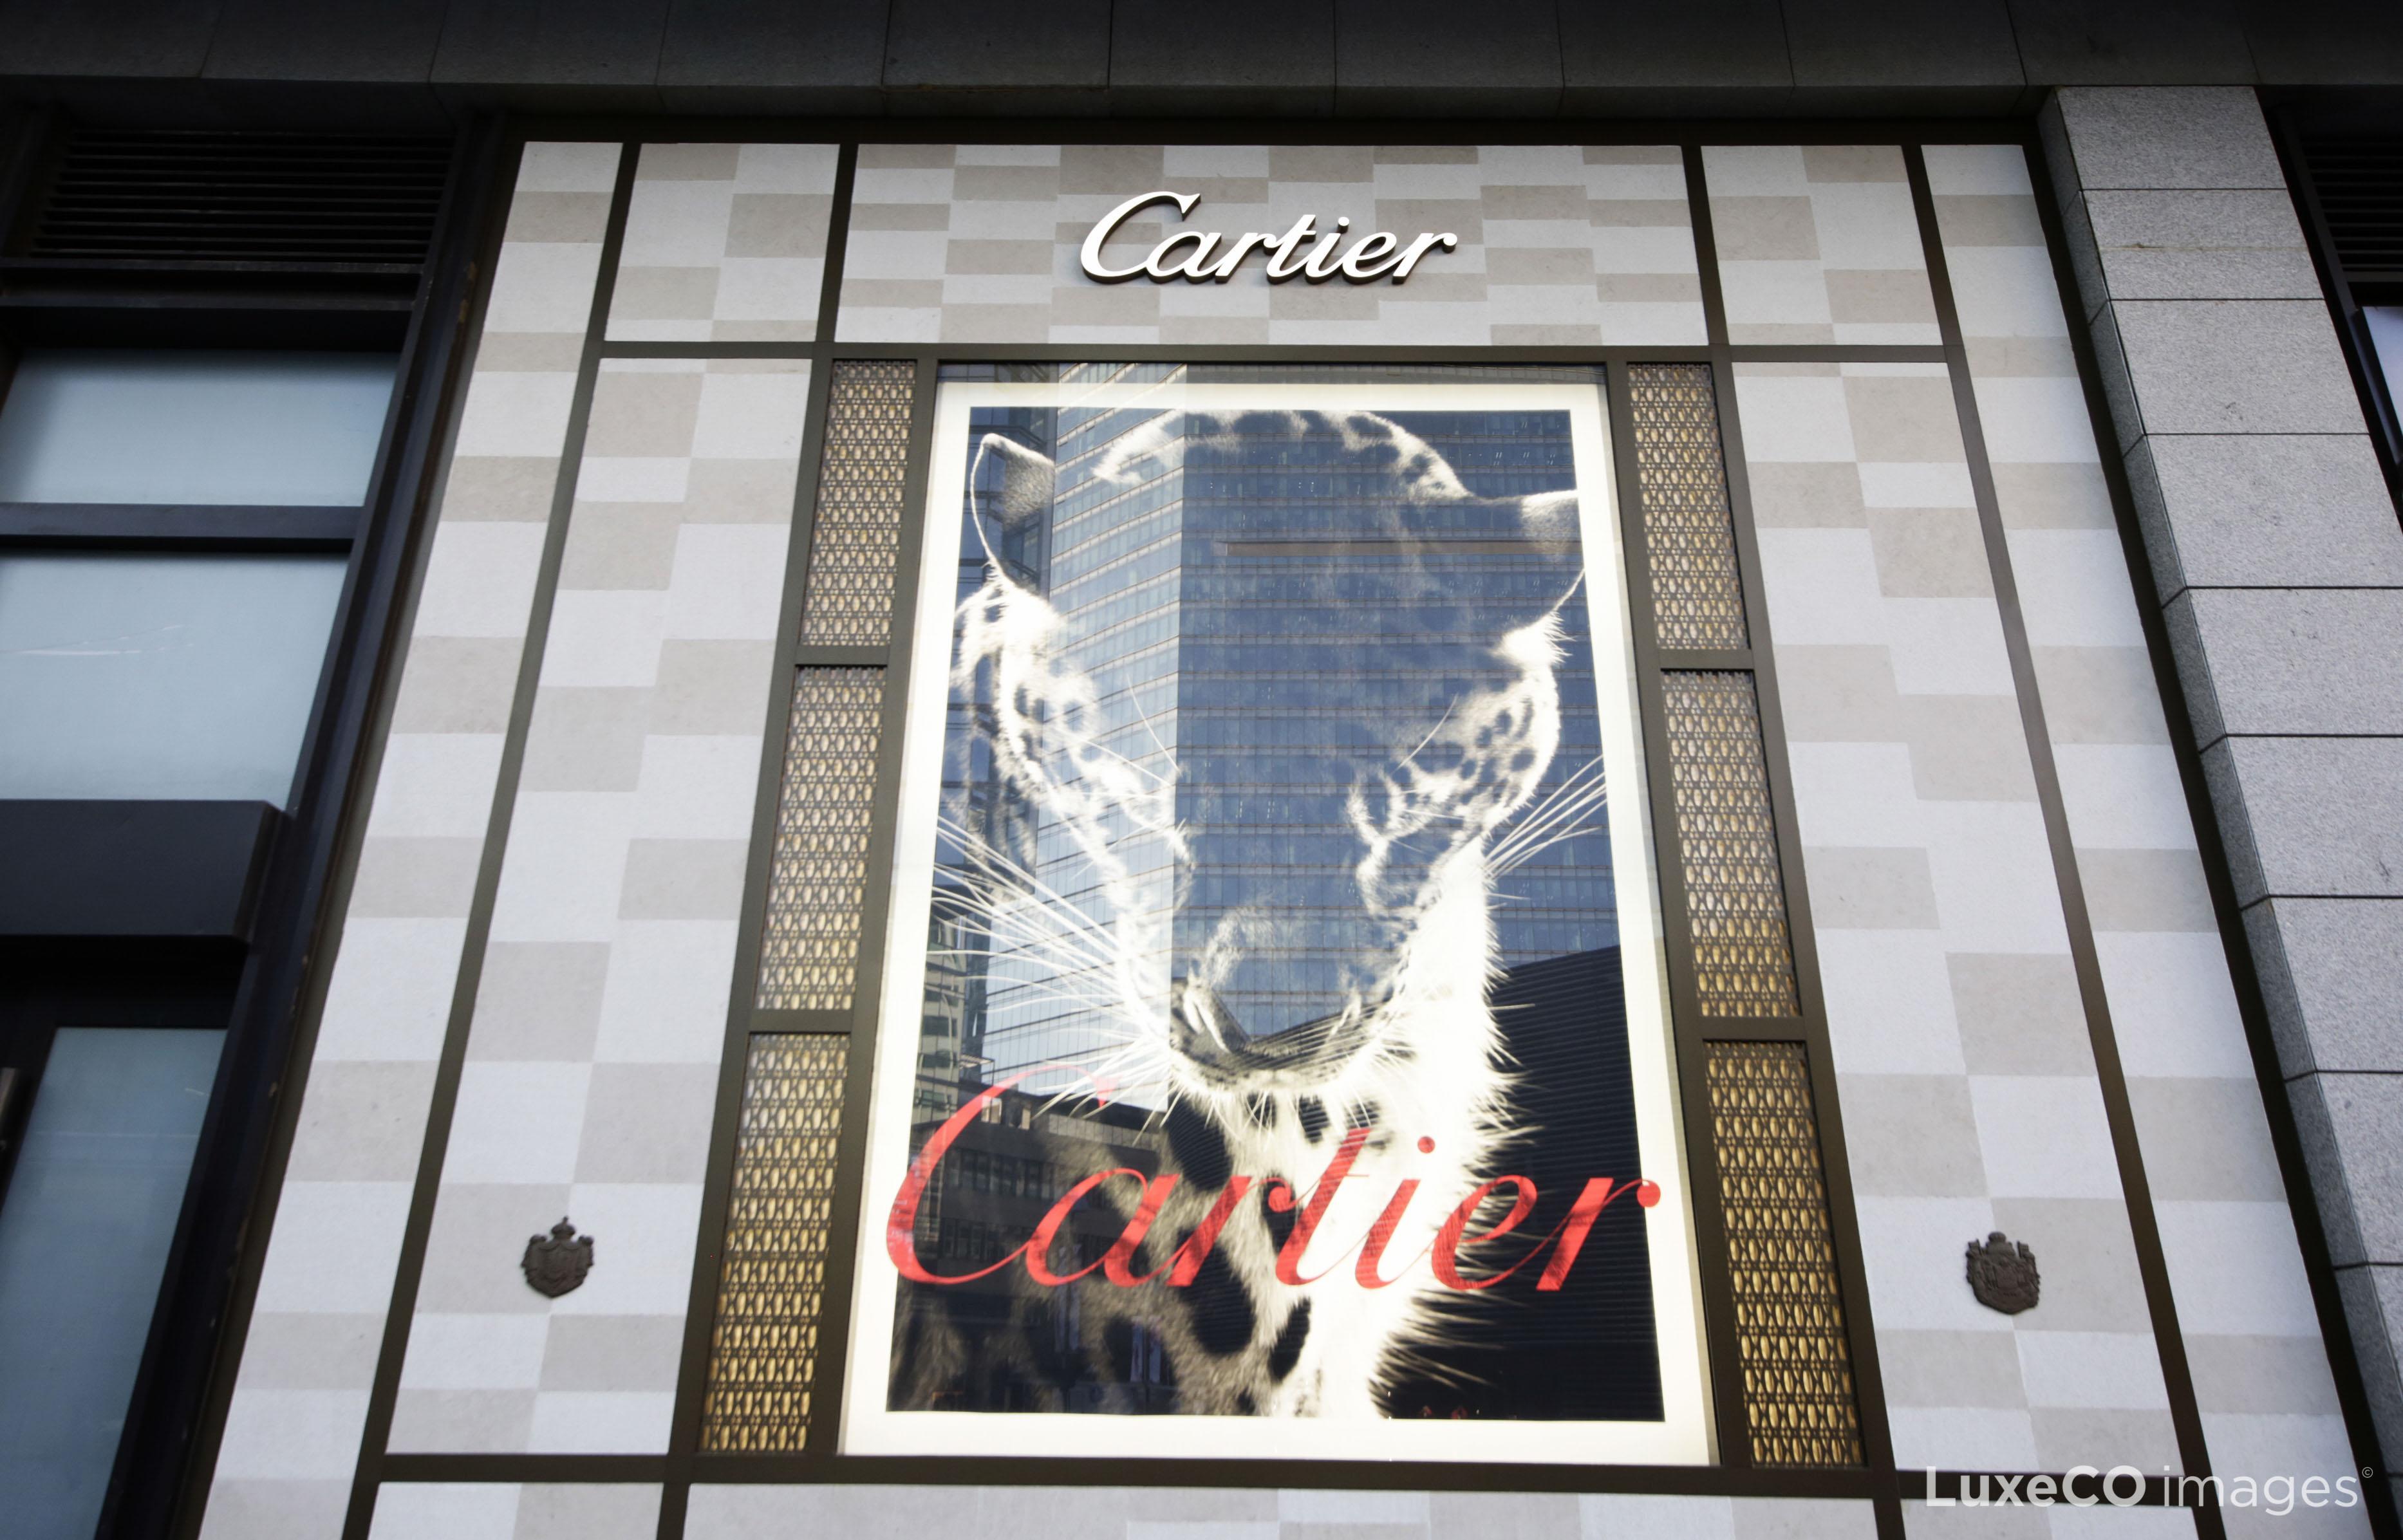 空缺一年半,瑞士历峰集团终于迎来新任 CEO!过去五个月珠宝销售增长11%